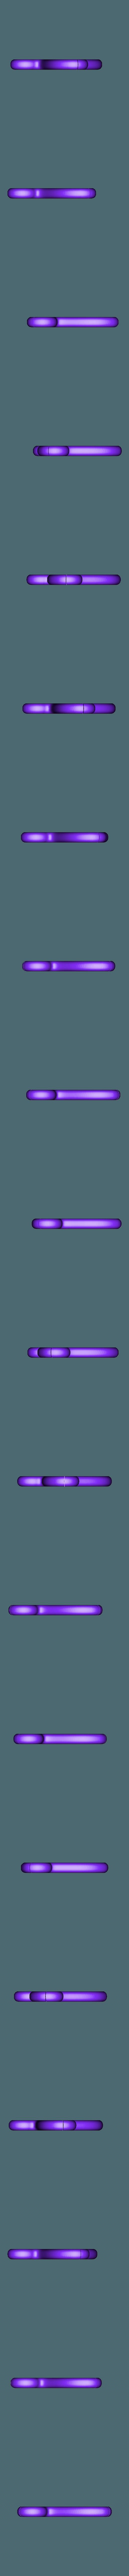 AMF_Spinner_2.stl Télécharger fichier STL gratuit Le filon des dames de l'AMF • Objet à imprimer en 3D, dancingchicken